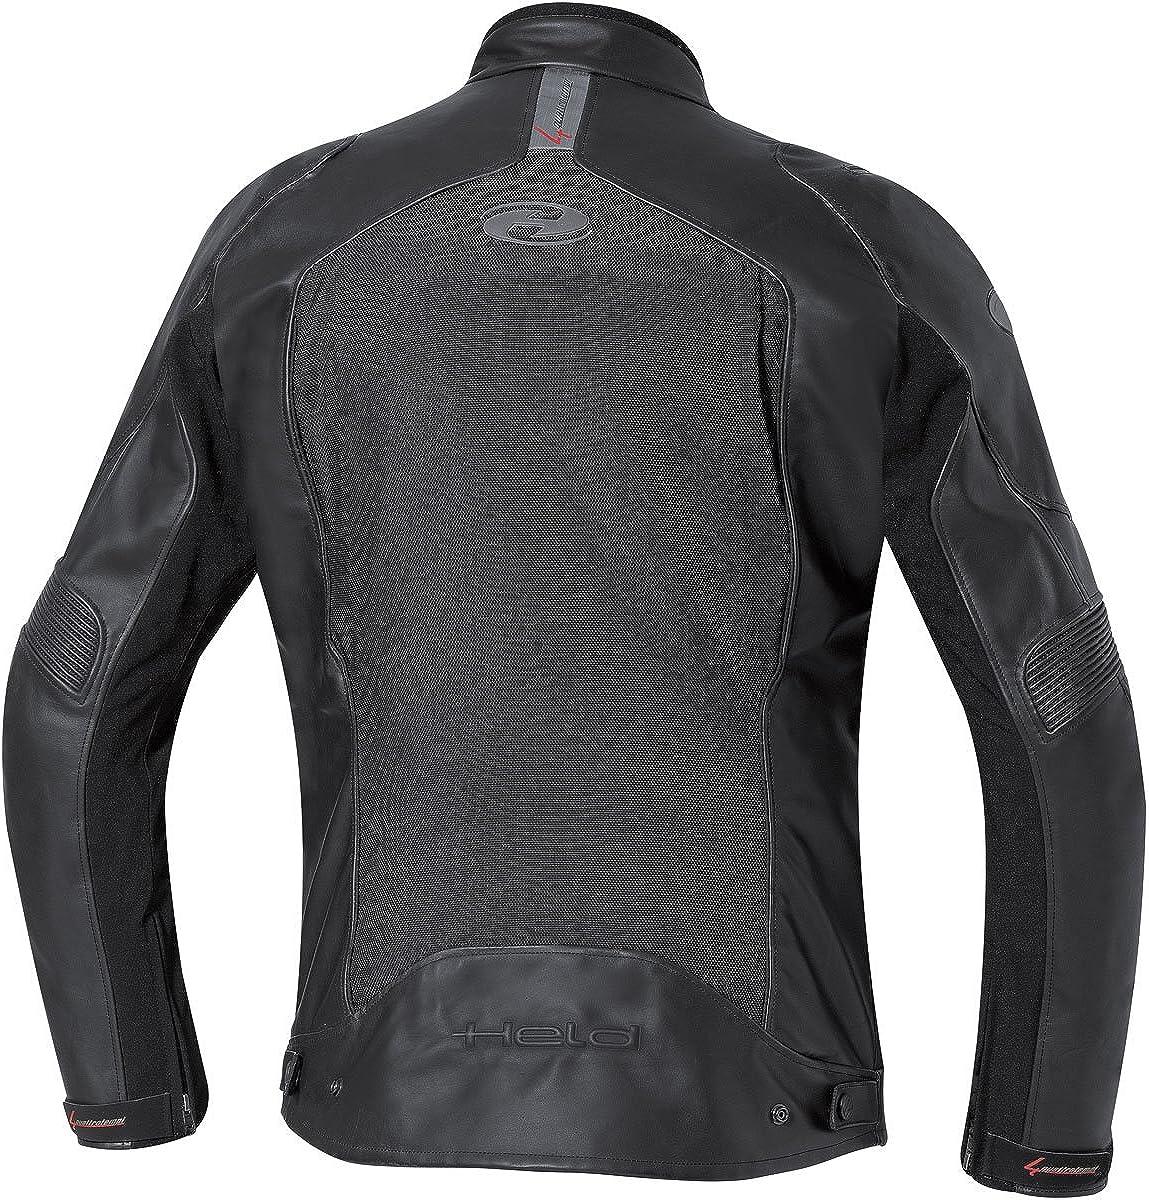 Held Camaris Tourenjacke Gtx Held Motorcycle Clothing Bekleidung